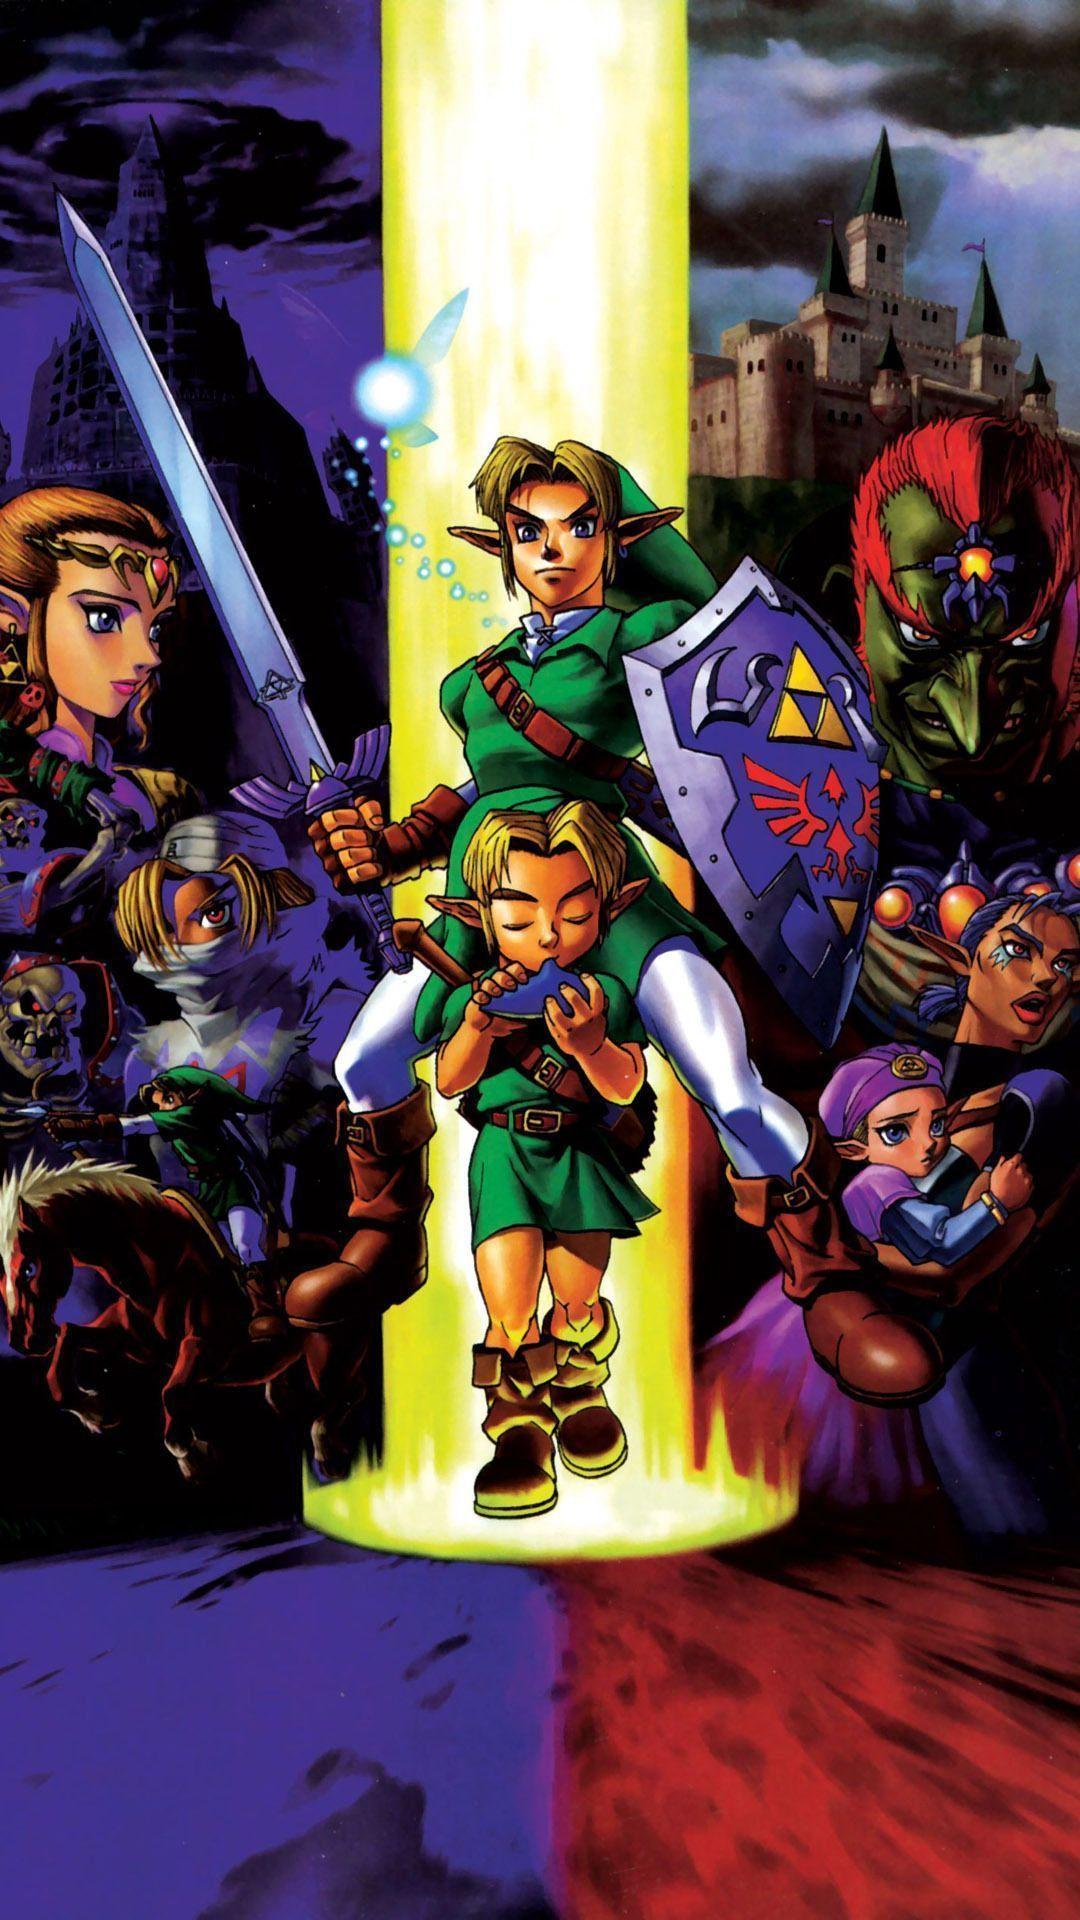 Zelda Phone Wallpaper 301343 Hd Wallpaper Backgrounds Download